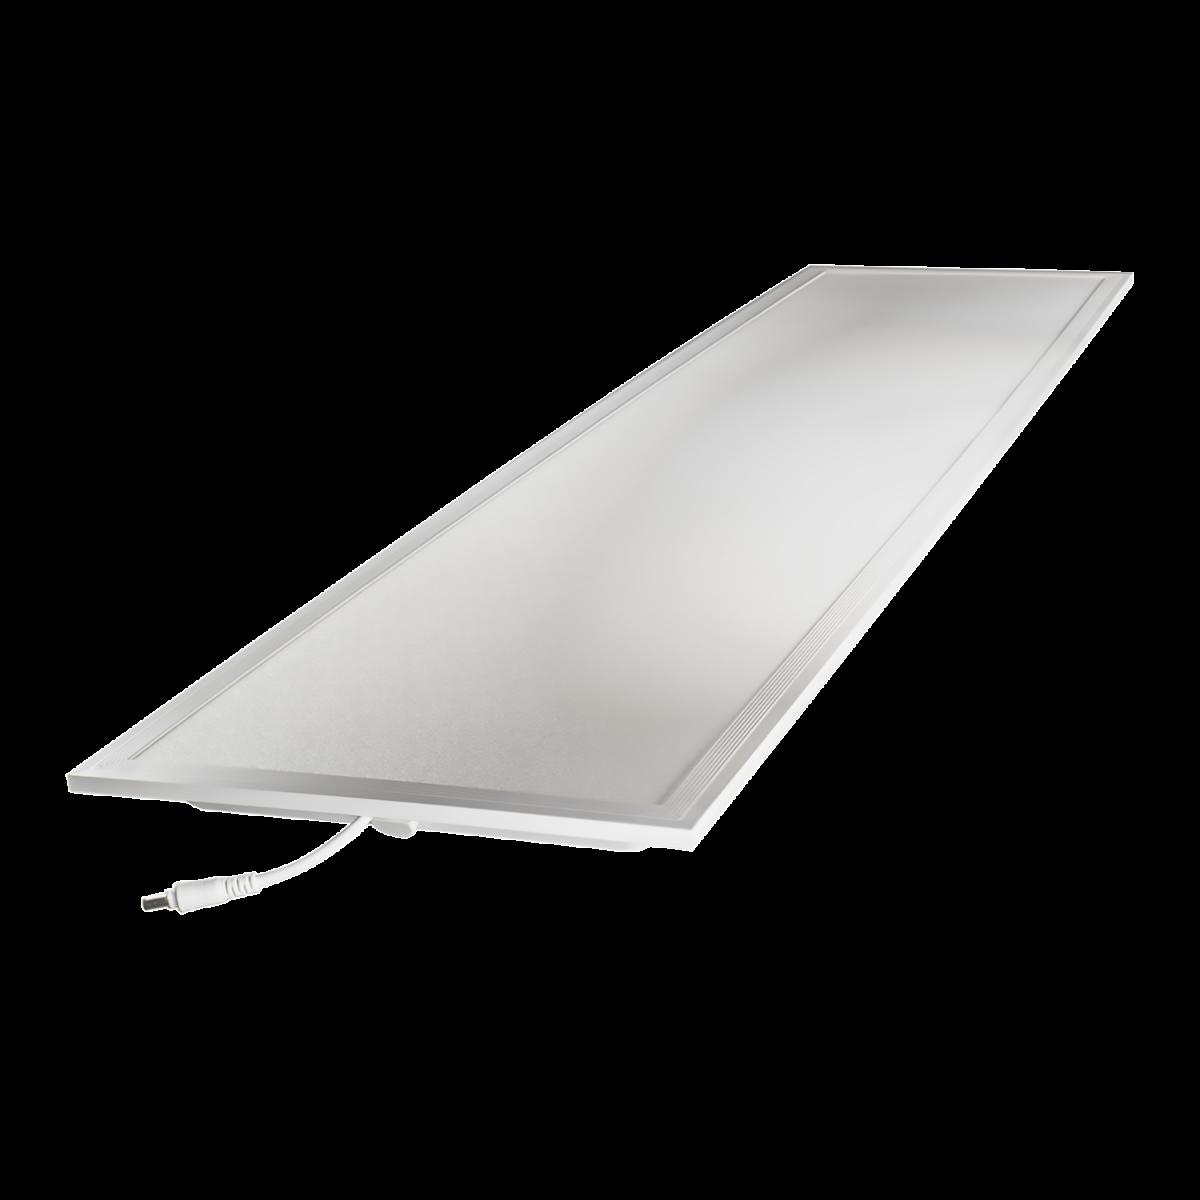 Noxion LED Panel Delta Pro V2.0 30W 30x120cm 4000K 4110lm UGR <19 | Cool White - Replaces 2x36W